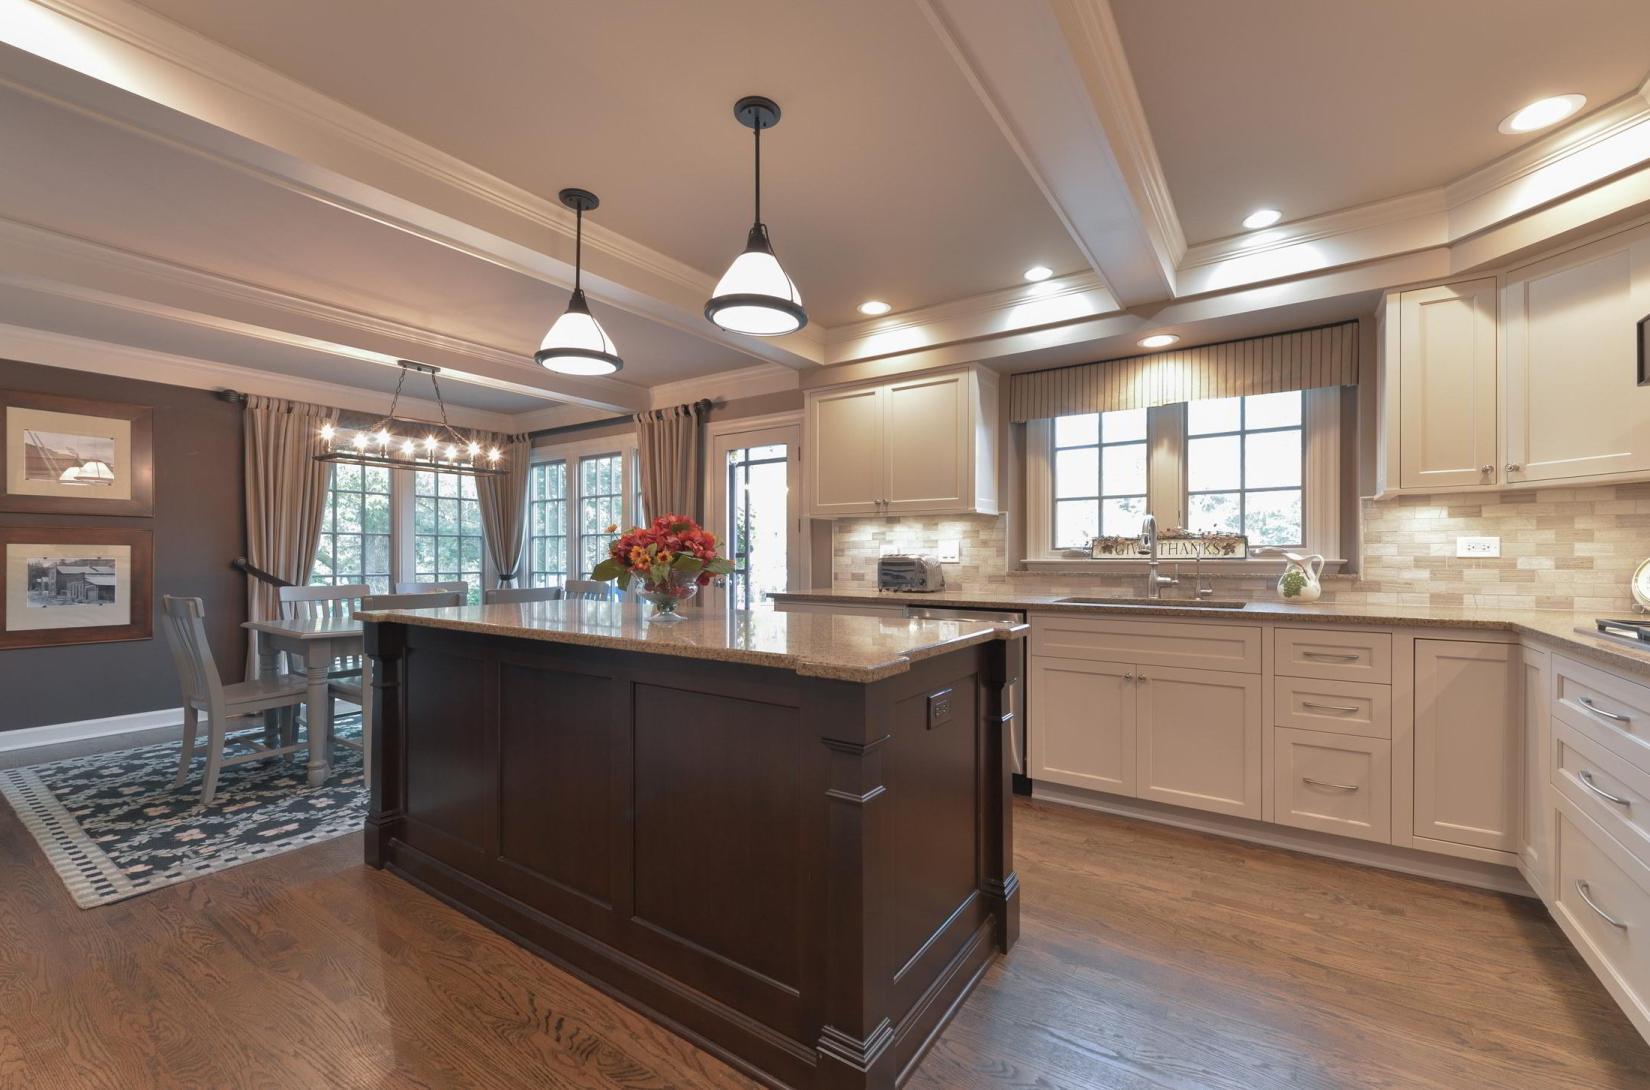 Interior Design Consultation Services | Furnishings | Design & Build